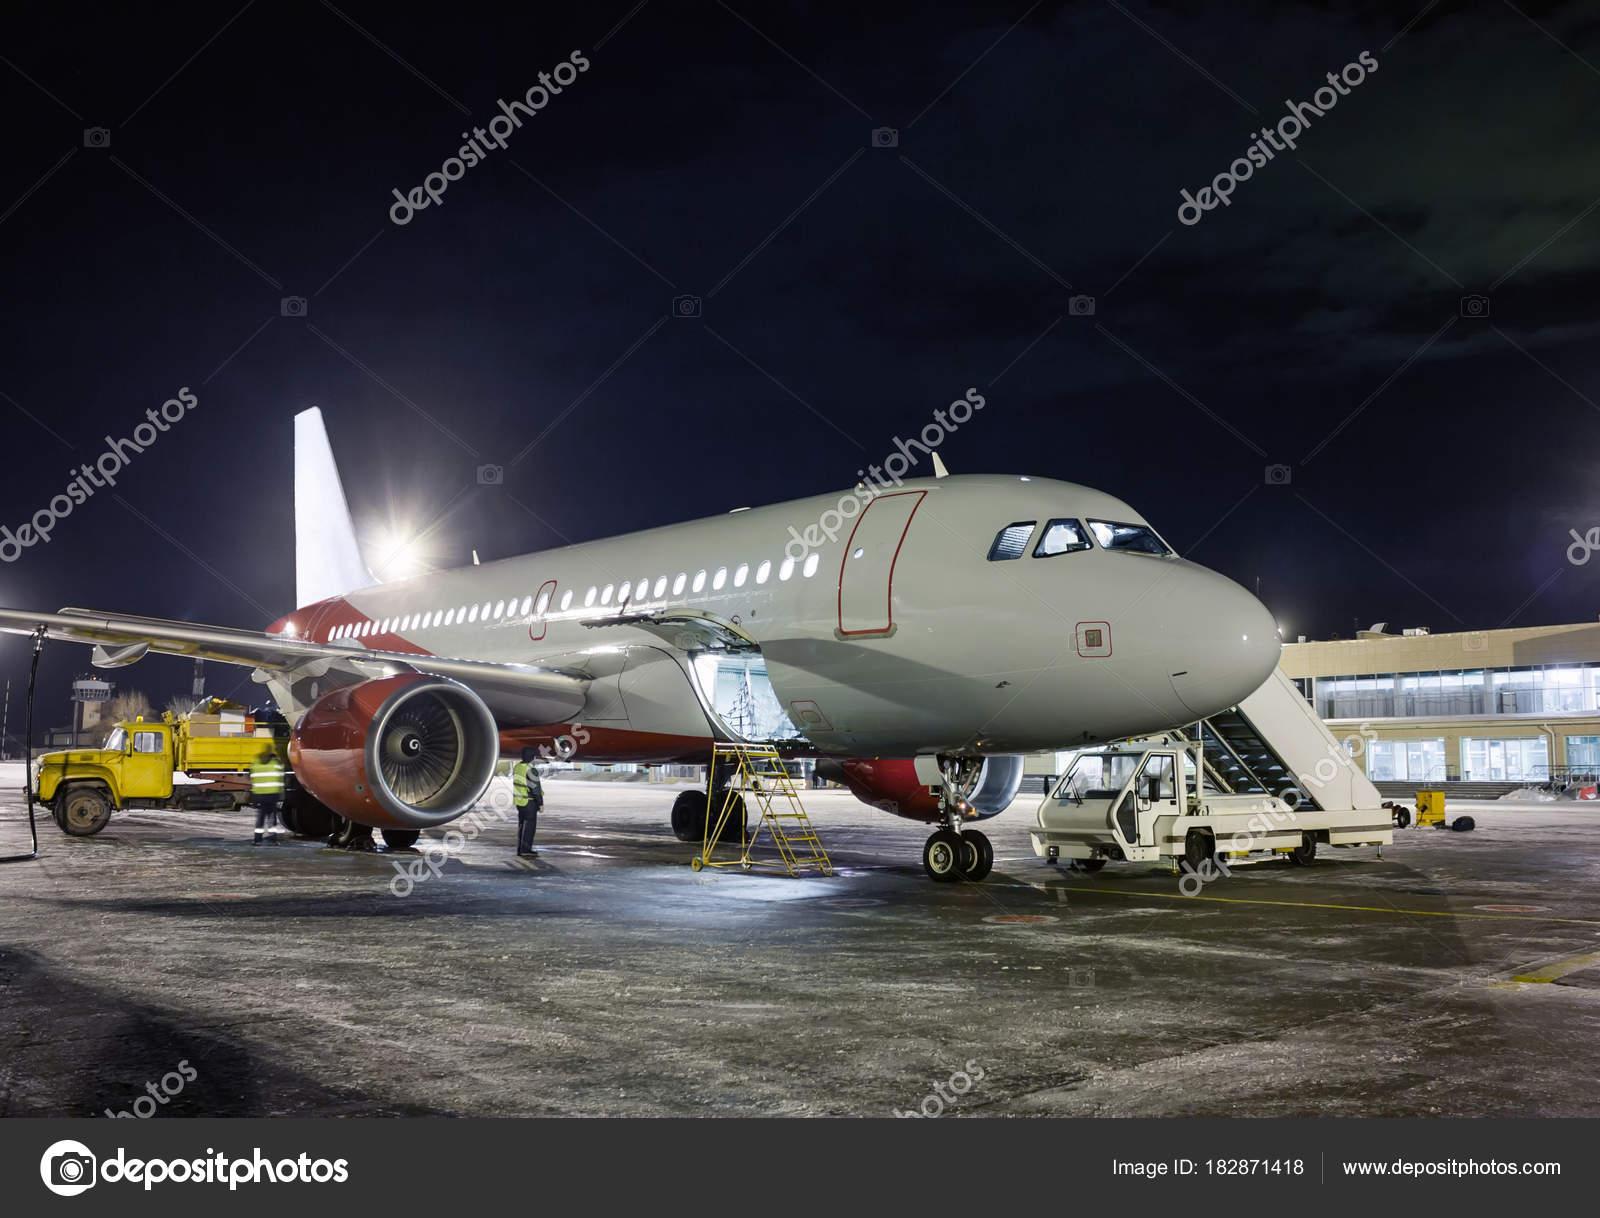 Ground Handling Passenger Airplane At Night Winter Airport Stock Photo